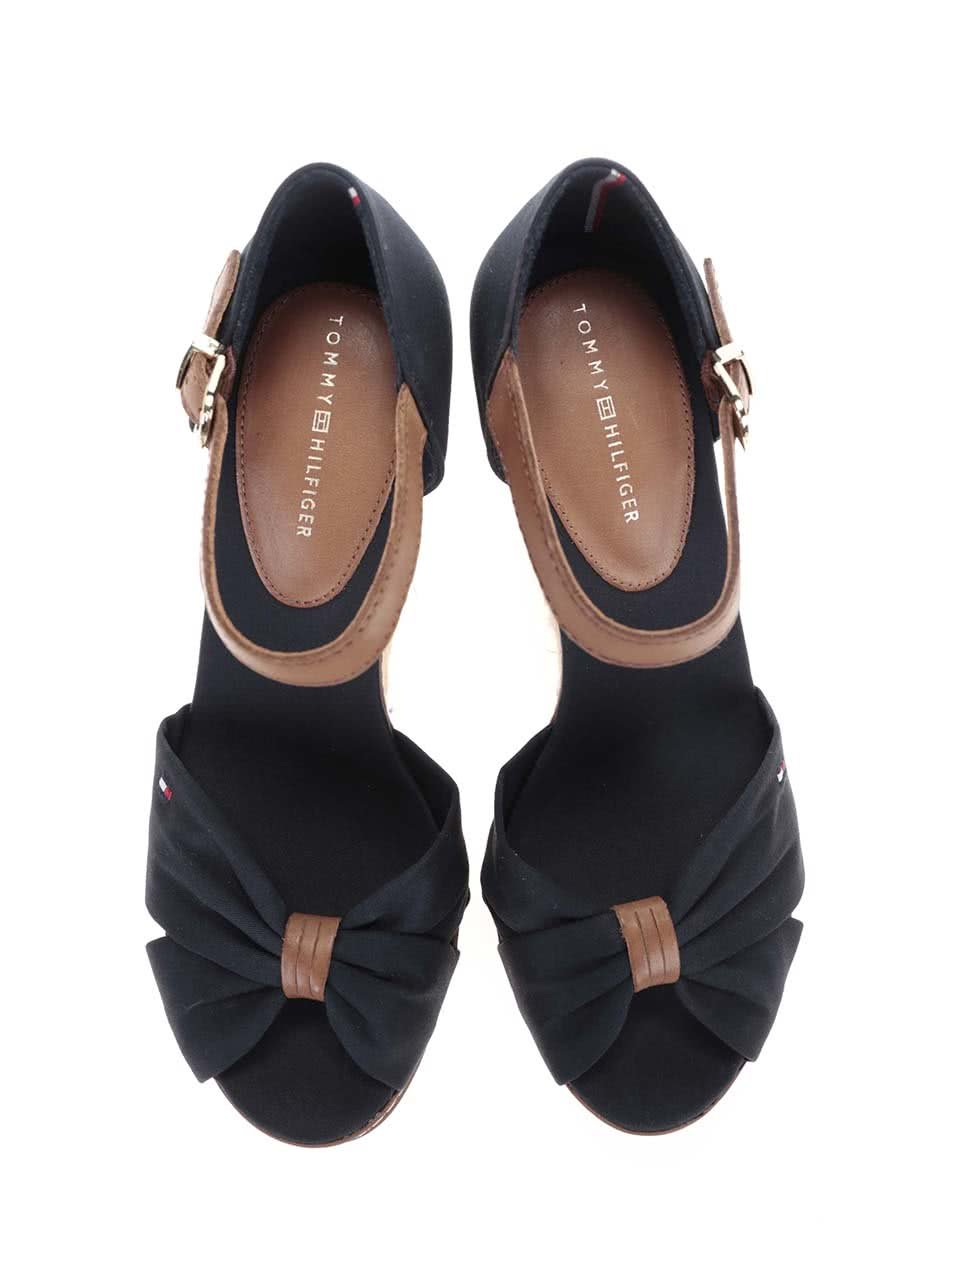 Tmavě modré dámské boty na klínku Tommy Hilfiger ... 0f983ad182